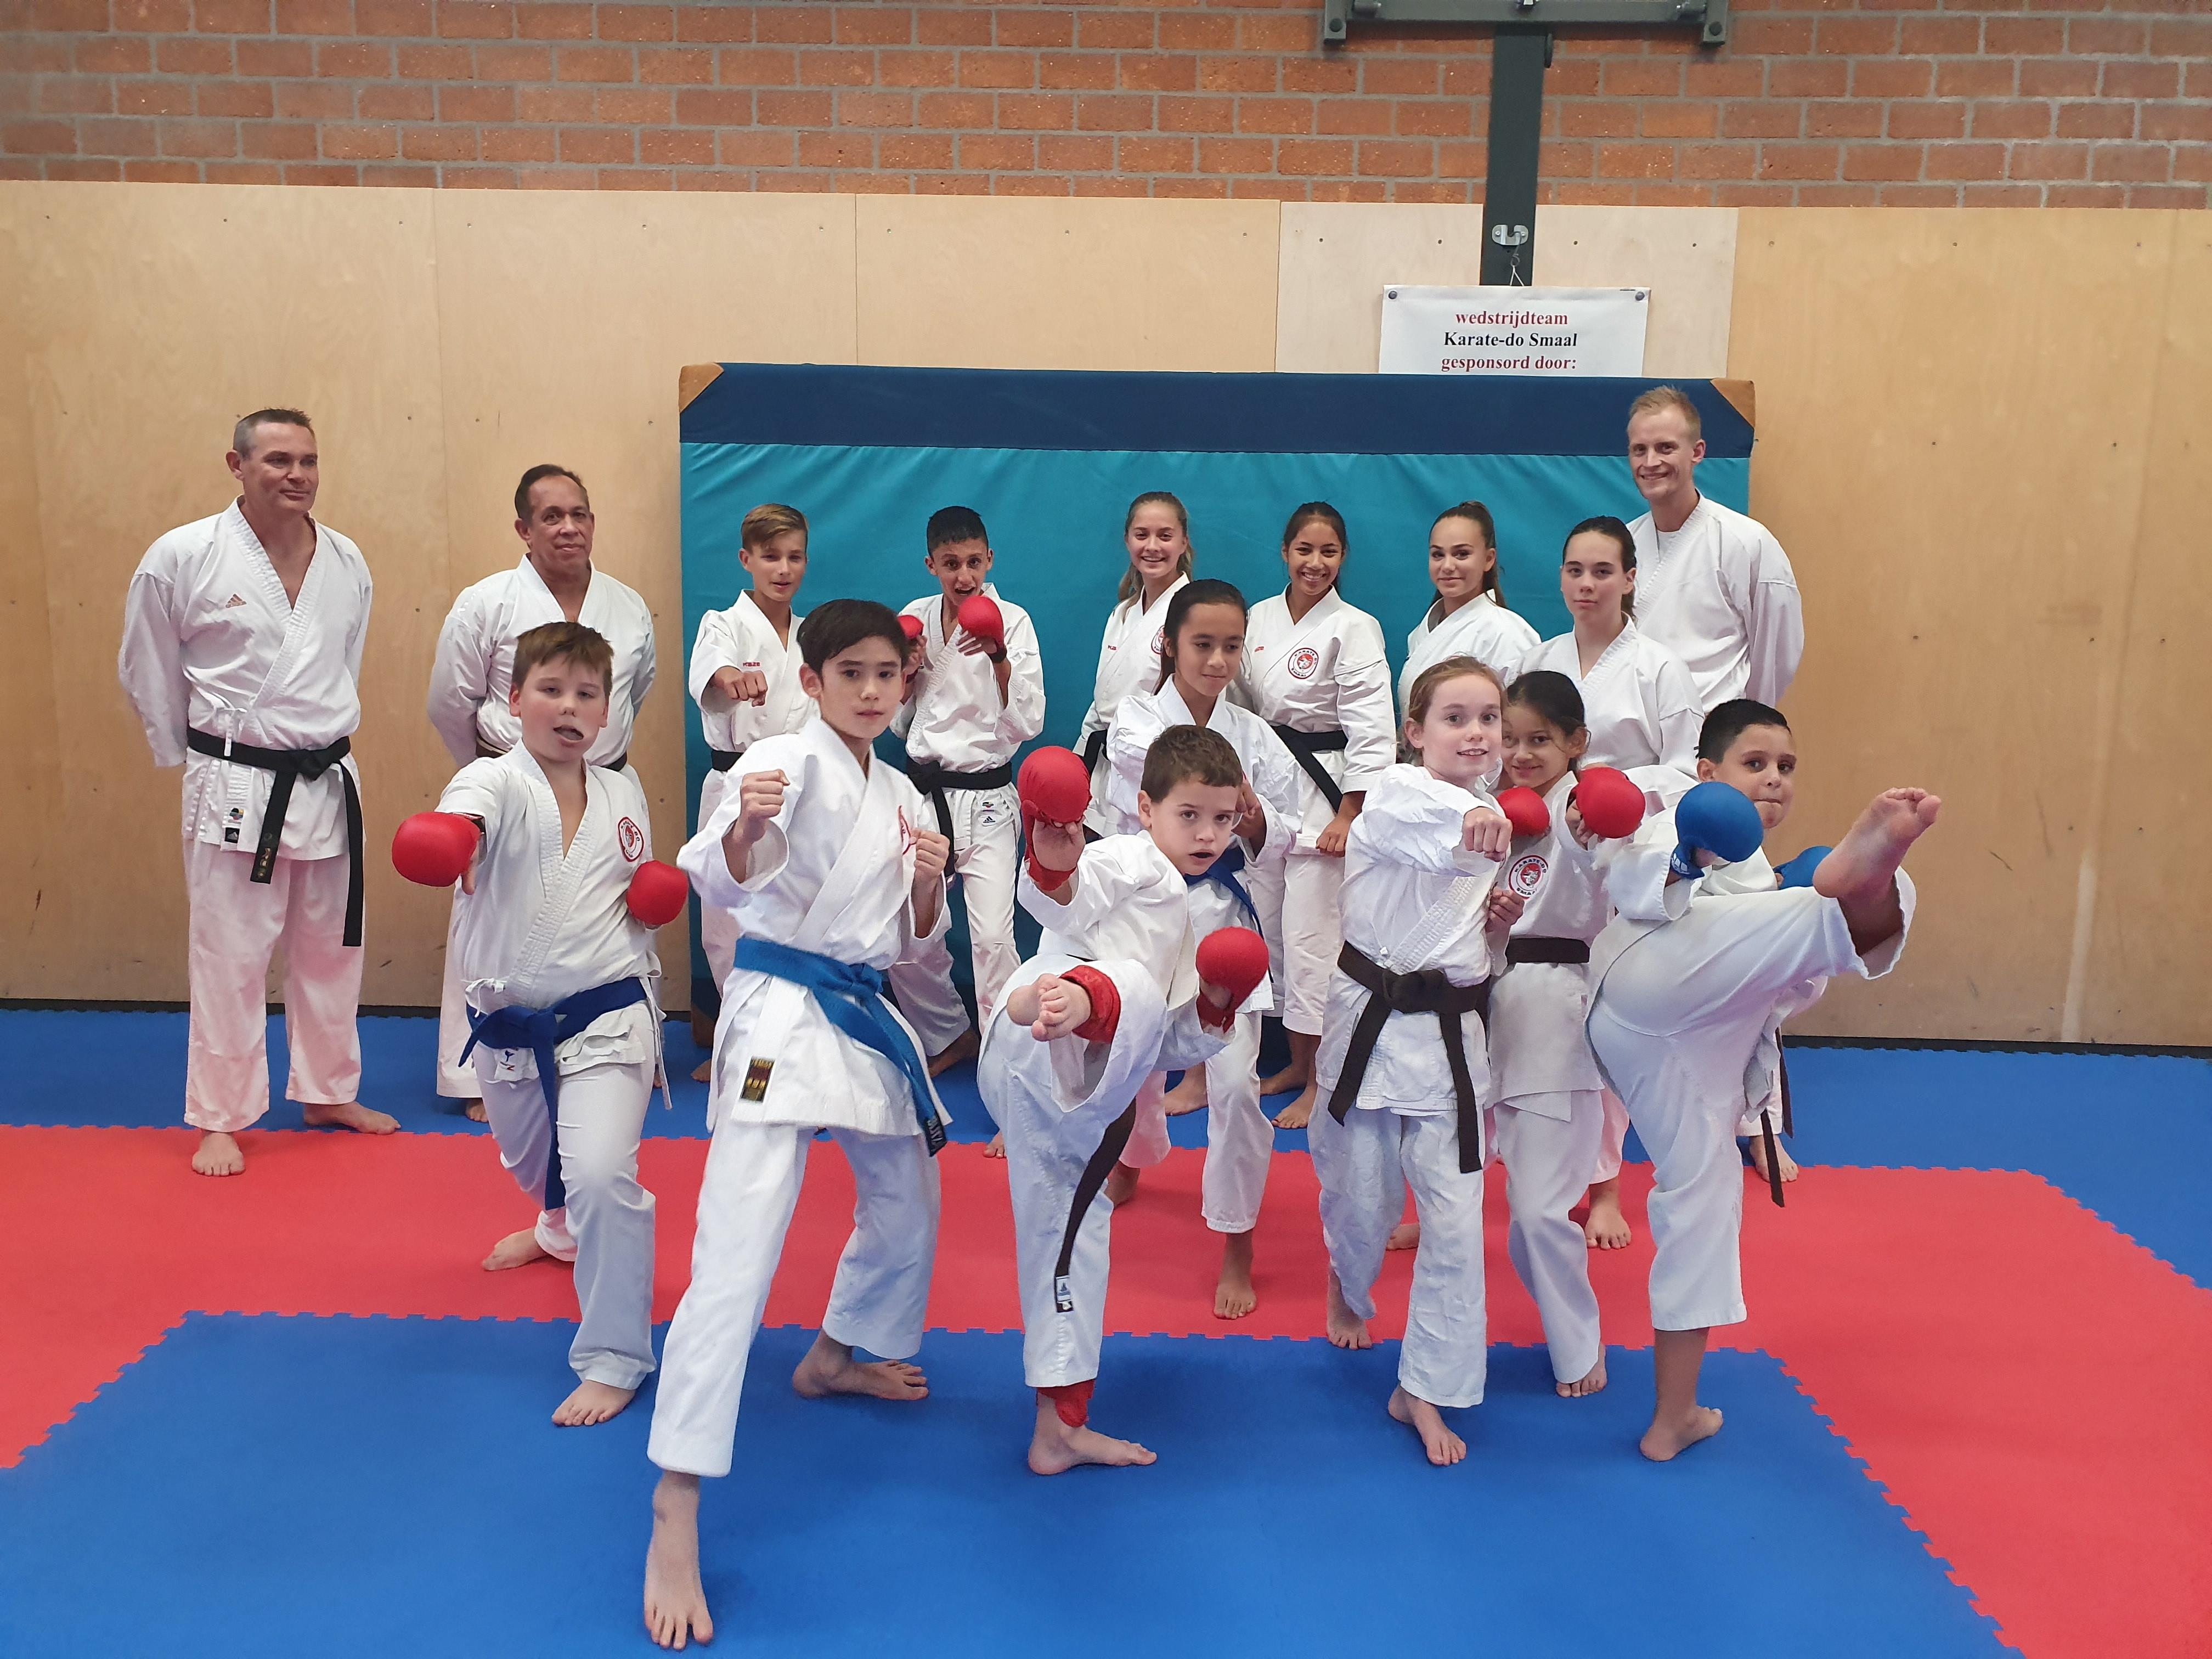 Karate-do Smaal neemt zeven prijzen mee naar huis